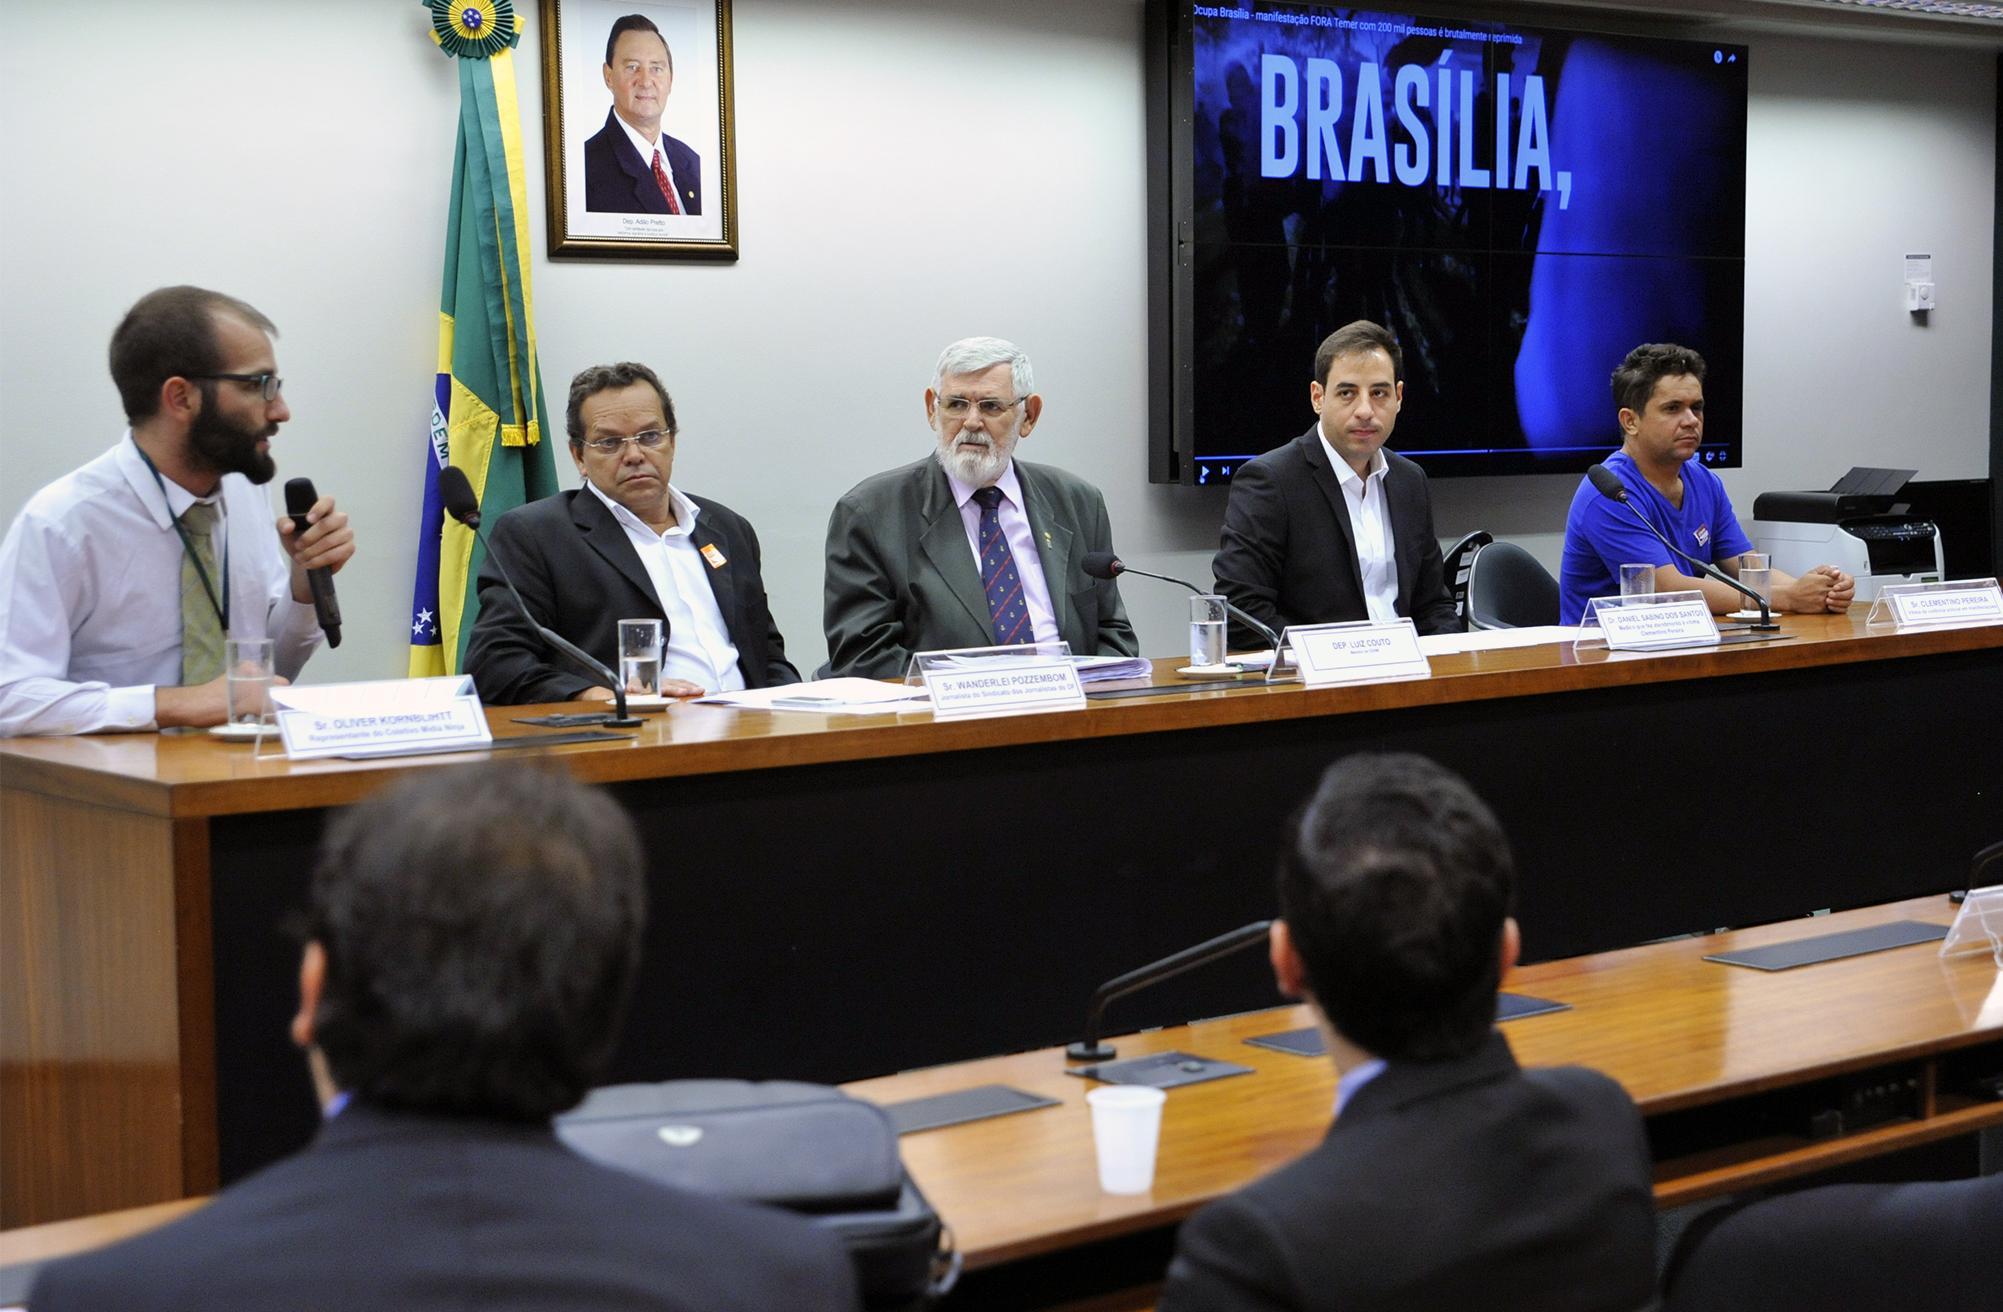 Sindicato cobra responsabilidade do GDF com a segurança dos jornalistas em audiência na Câmara dos Deputados